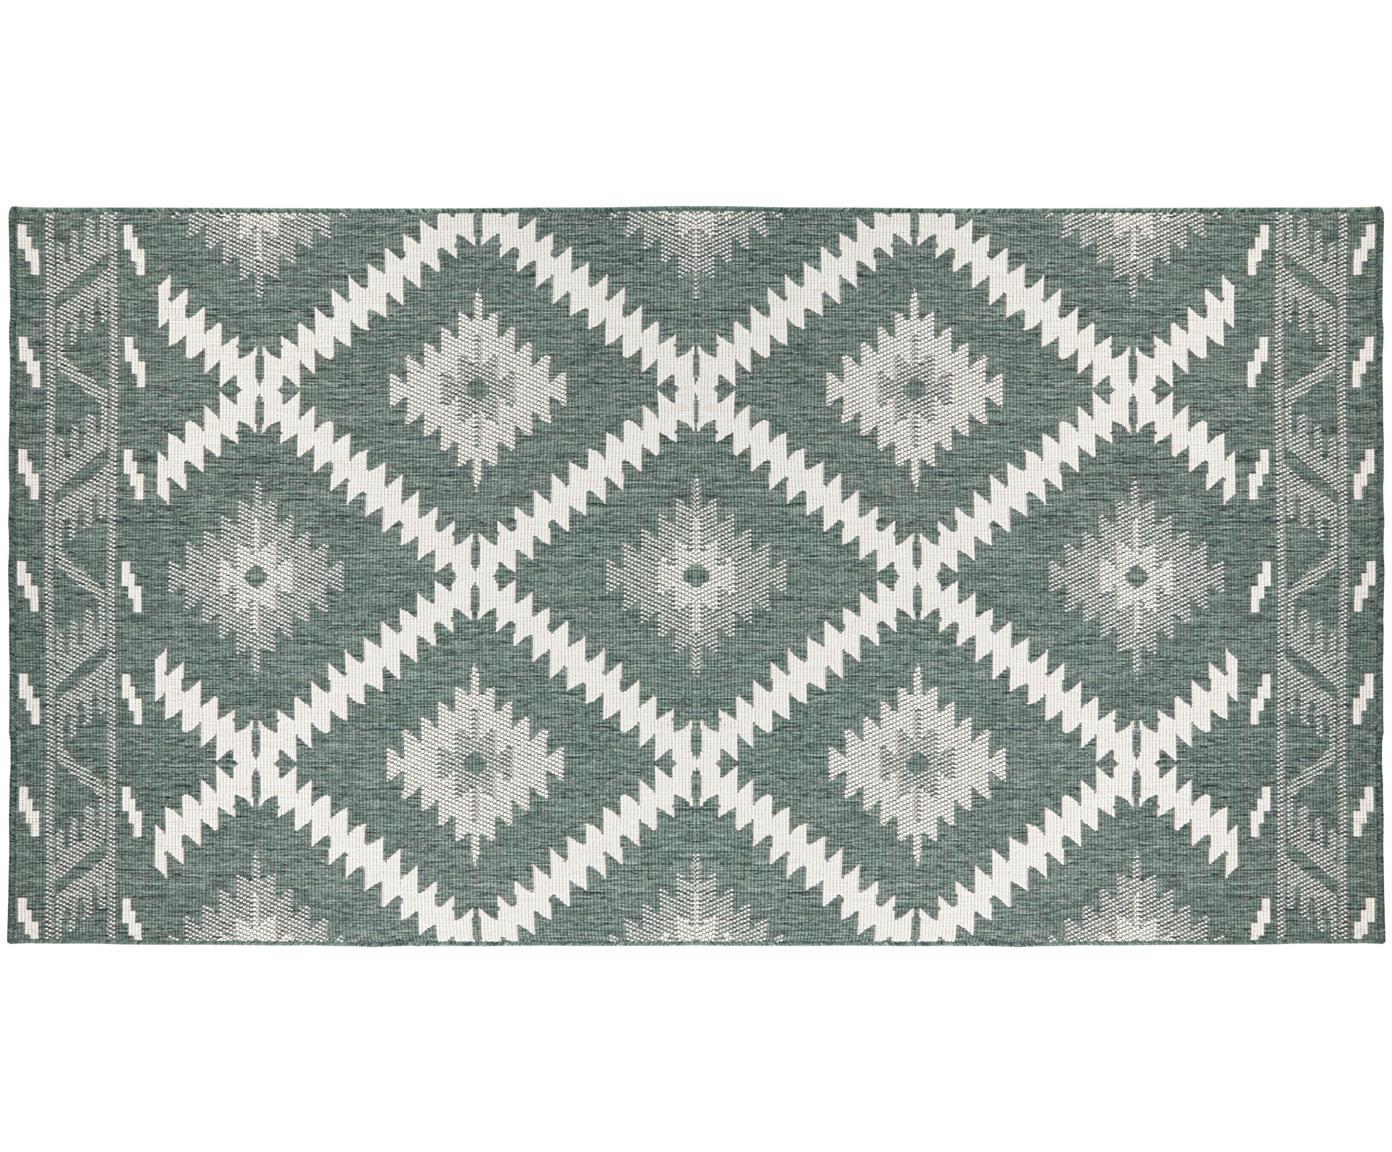 Alfombra reversible de interior/exterior Malibu, Verde, crema, An 200 x L 290 cm (Tamaño L)